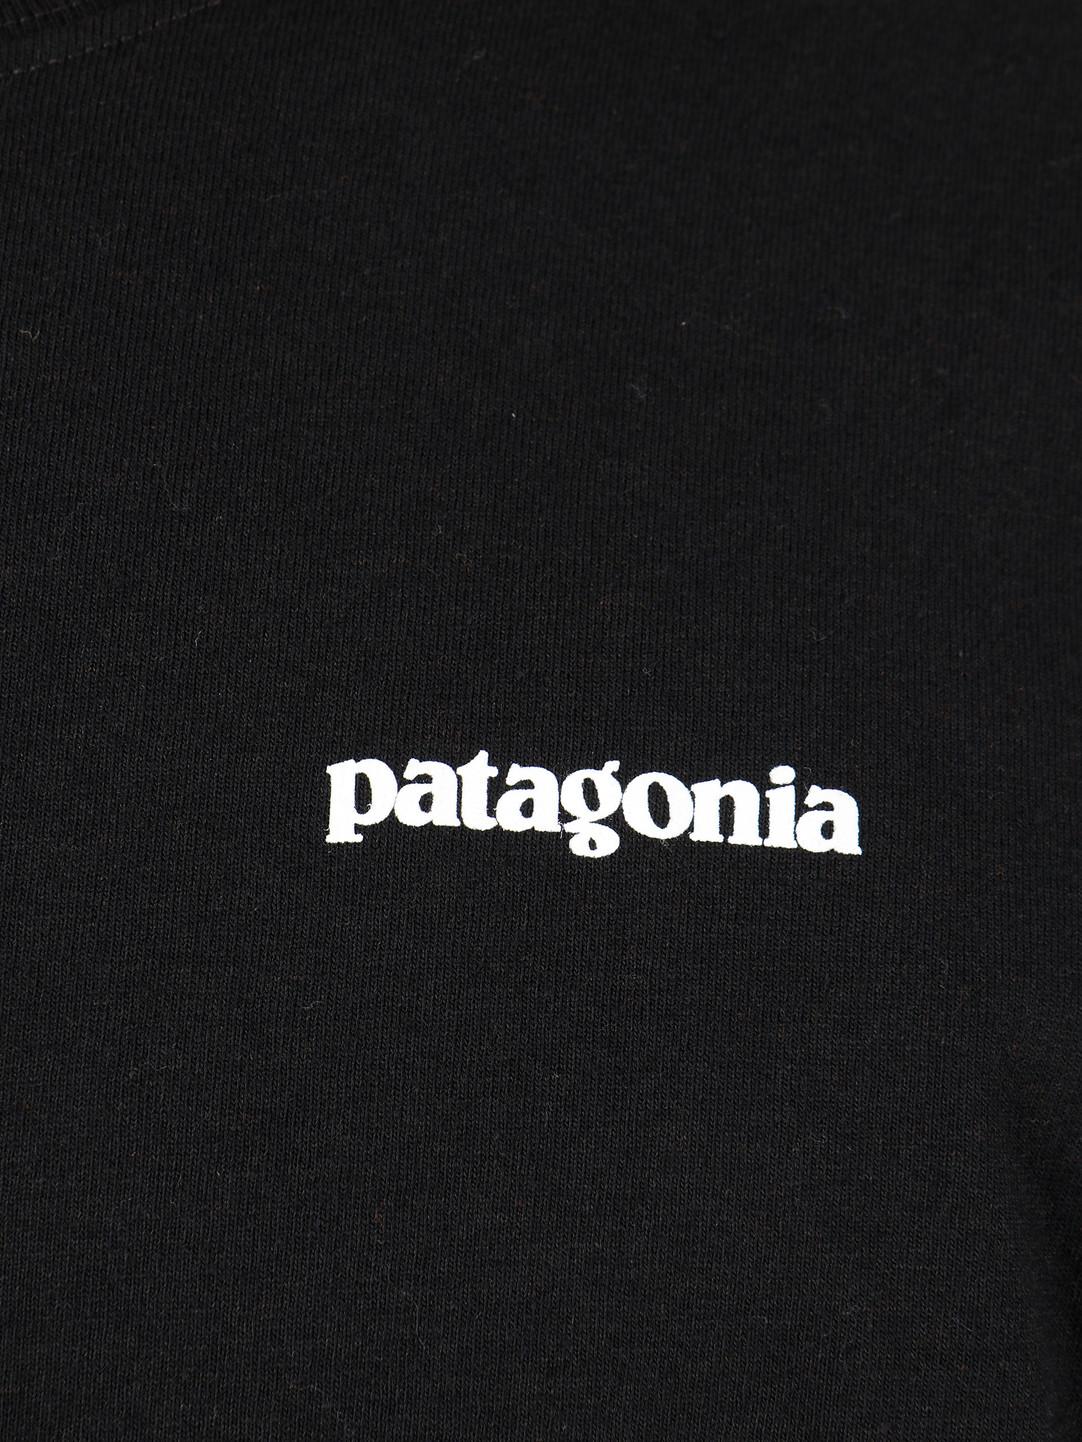 Patagonia Patagonia P 6 Logo Responsibili Longsleeve Black 39161